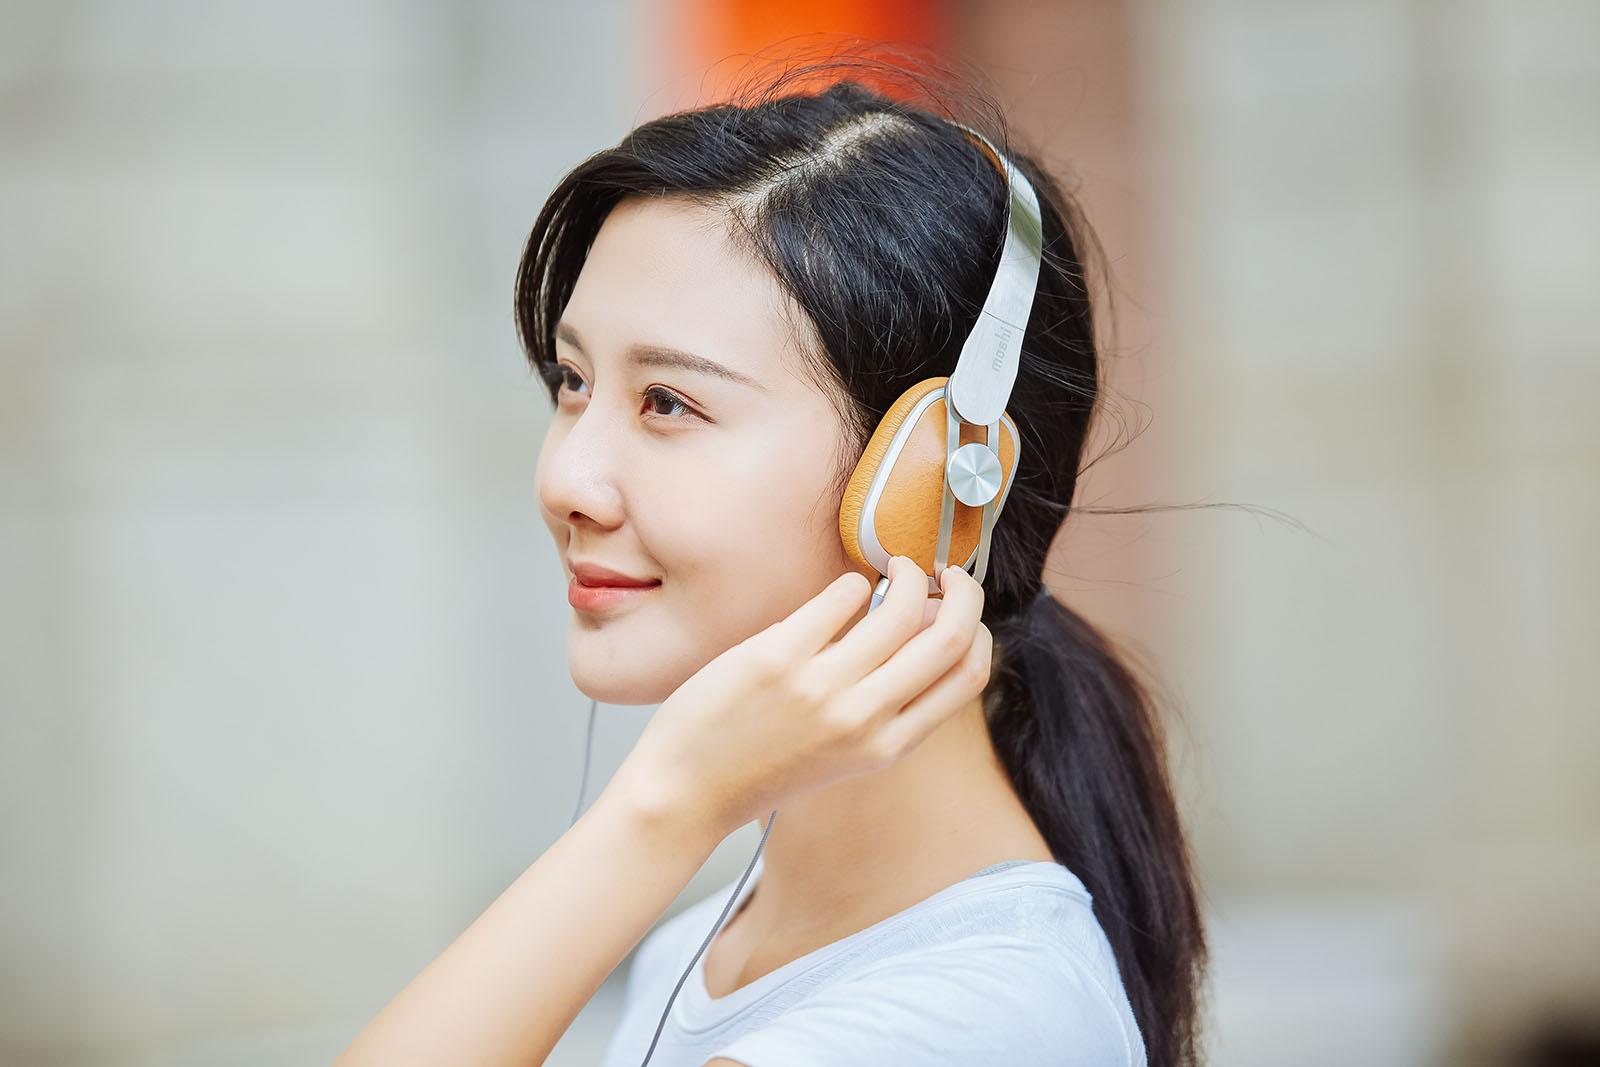 首先來看看 Moshi Avanti C 這款典雅的耳罩式耳機,�計上原廠大膽地將洗鍊的金屬與細緻的皮革兩種不同材質混�在一塊,整體看來有些復古感但換個角度卻又散發出科技前衛風,可以說無論是哪一種造型穿�其實都很好配。